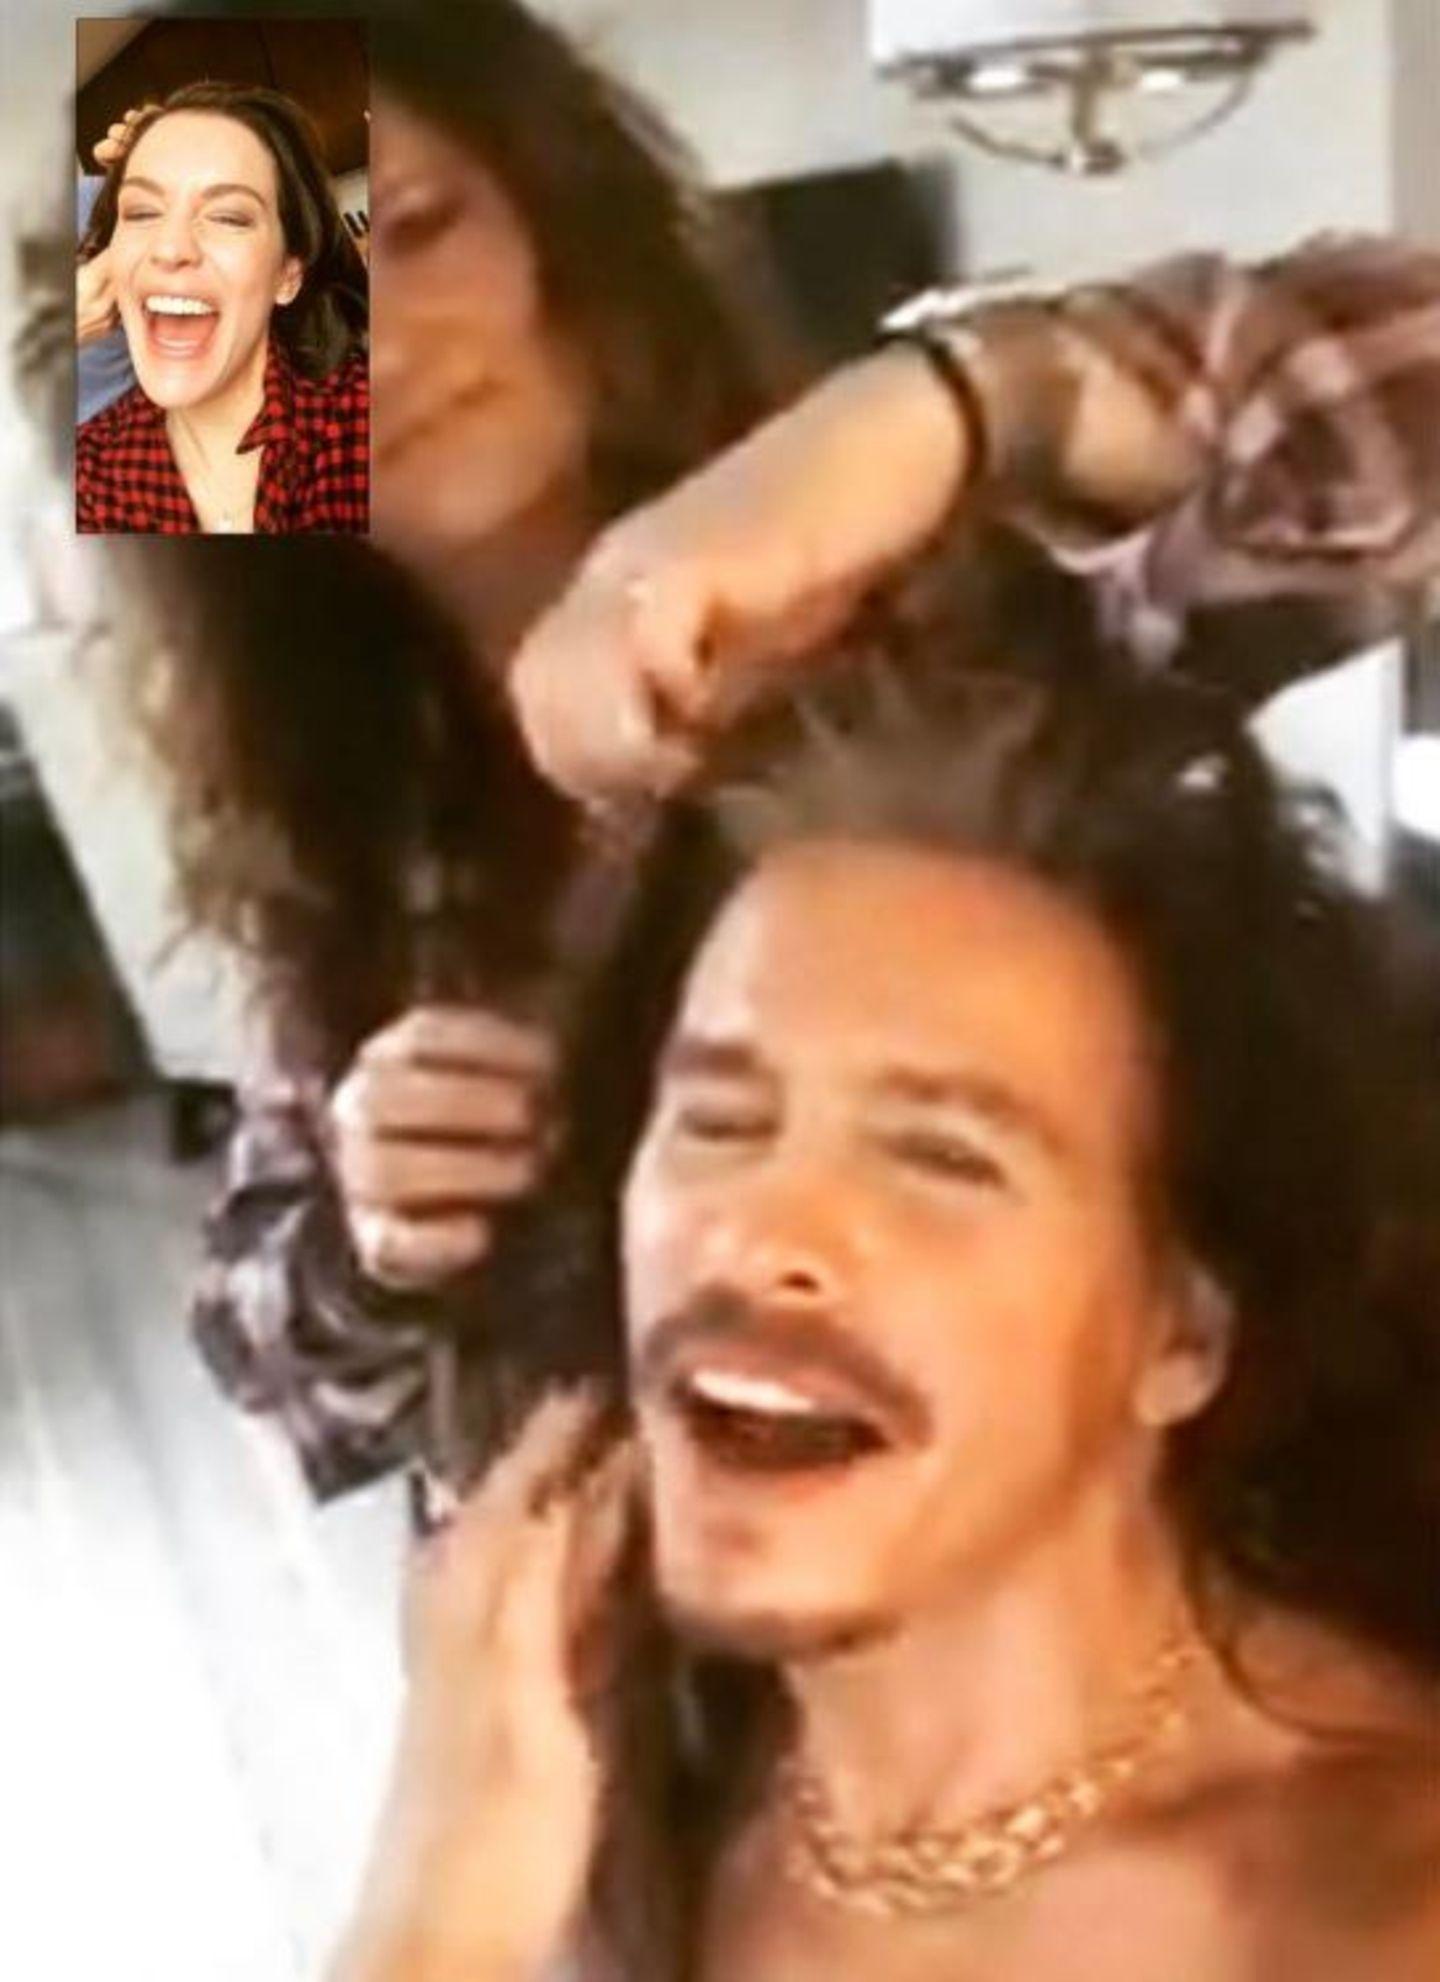 Gelangweilt vom Friseurtermin ruft Liv Tyler ihren Papa Steven Tyler an. Wie der Zufall es so will, werden dem Aerosmith-Sänger ebenfalls die Haare gemacht. Und so entsteht ein Video-Telefonat der etwas anderen Art.